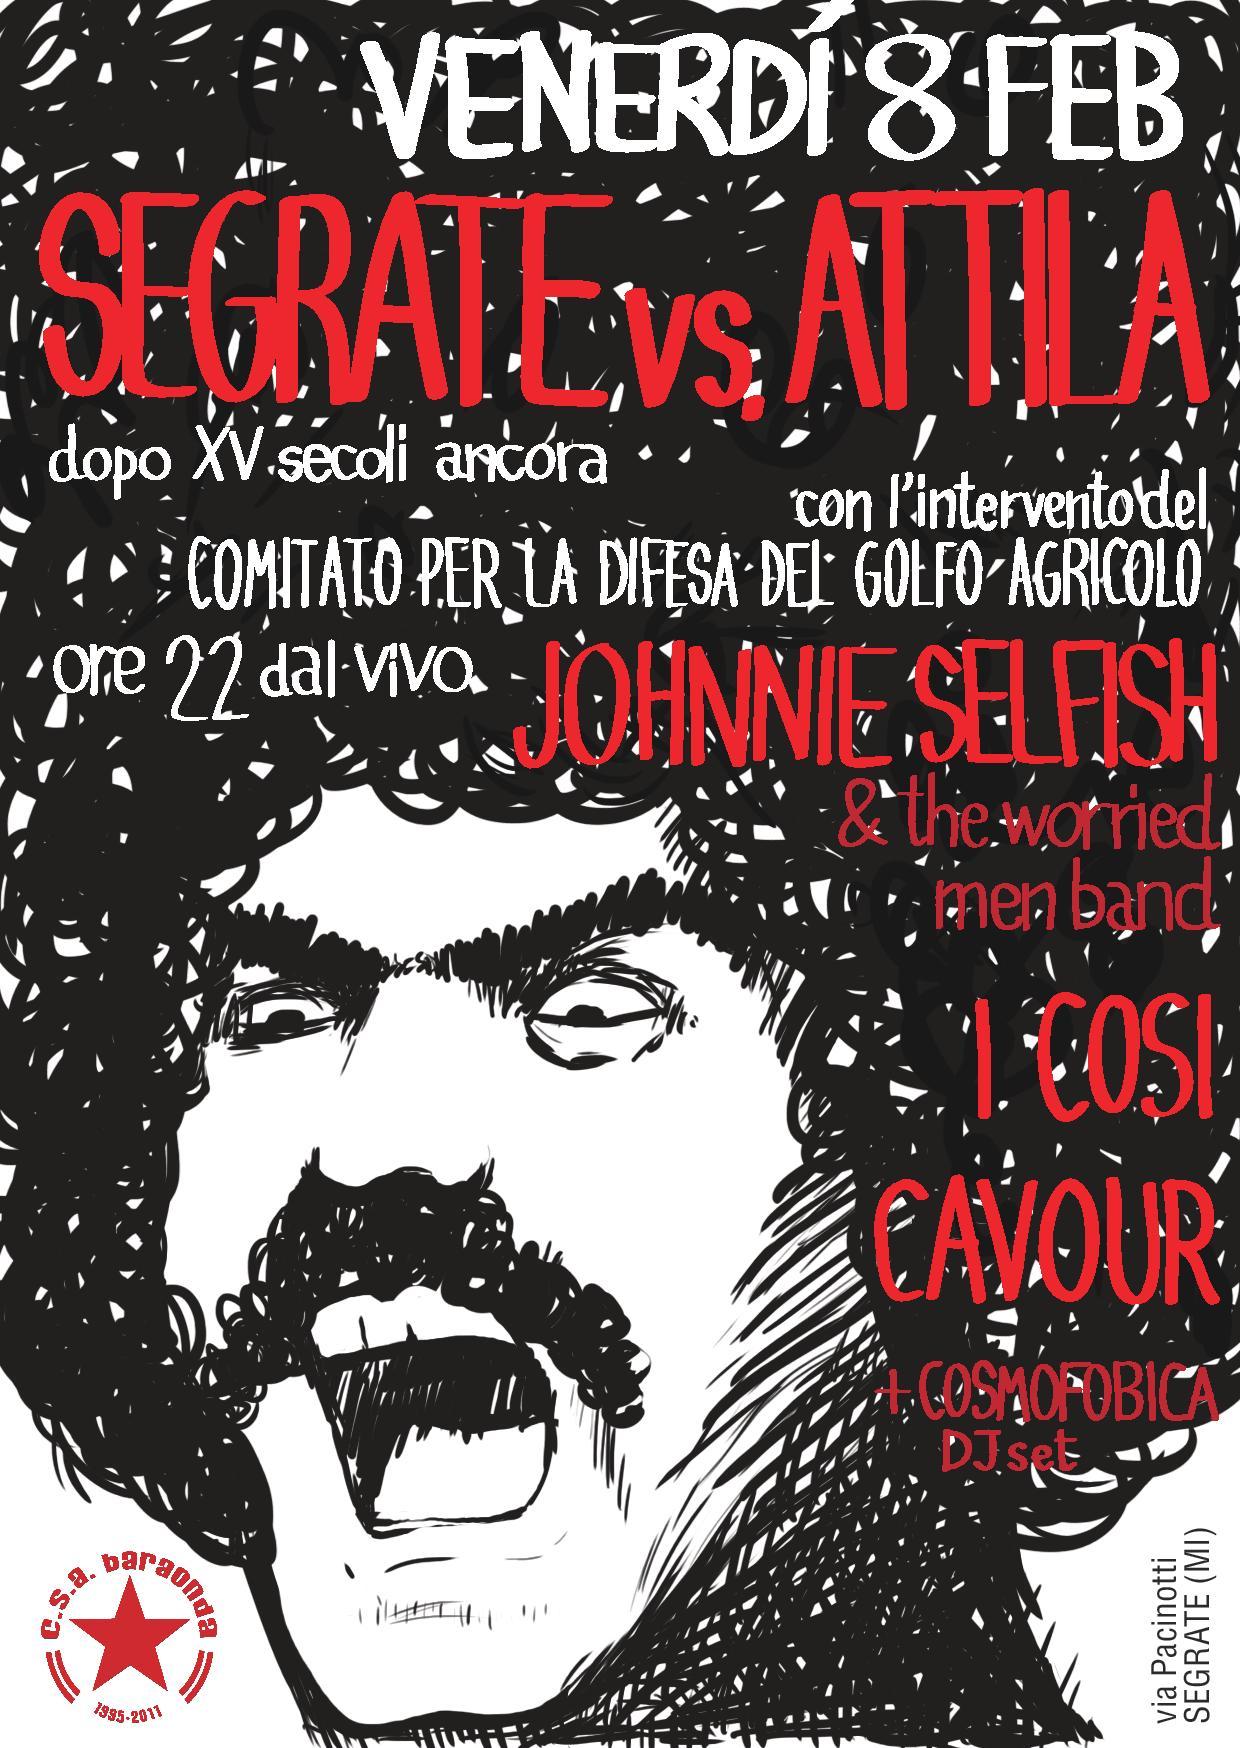 segrate_vs_attila (1)-page-001